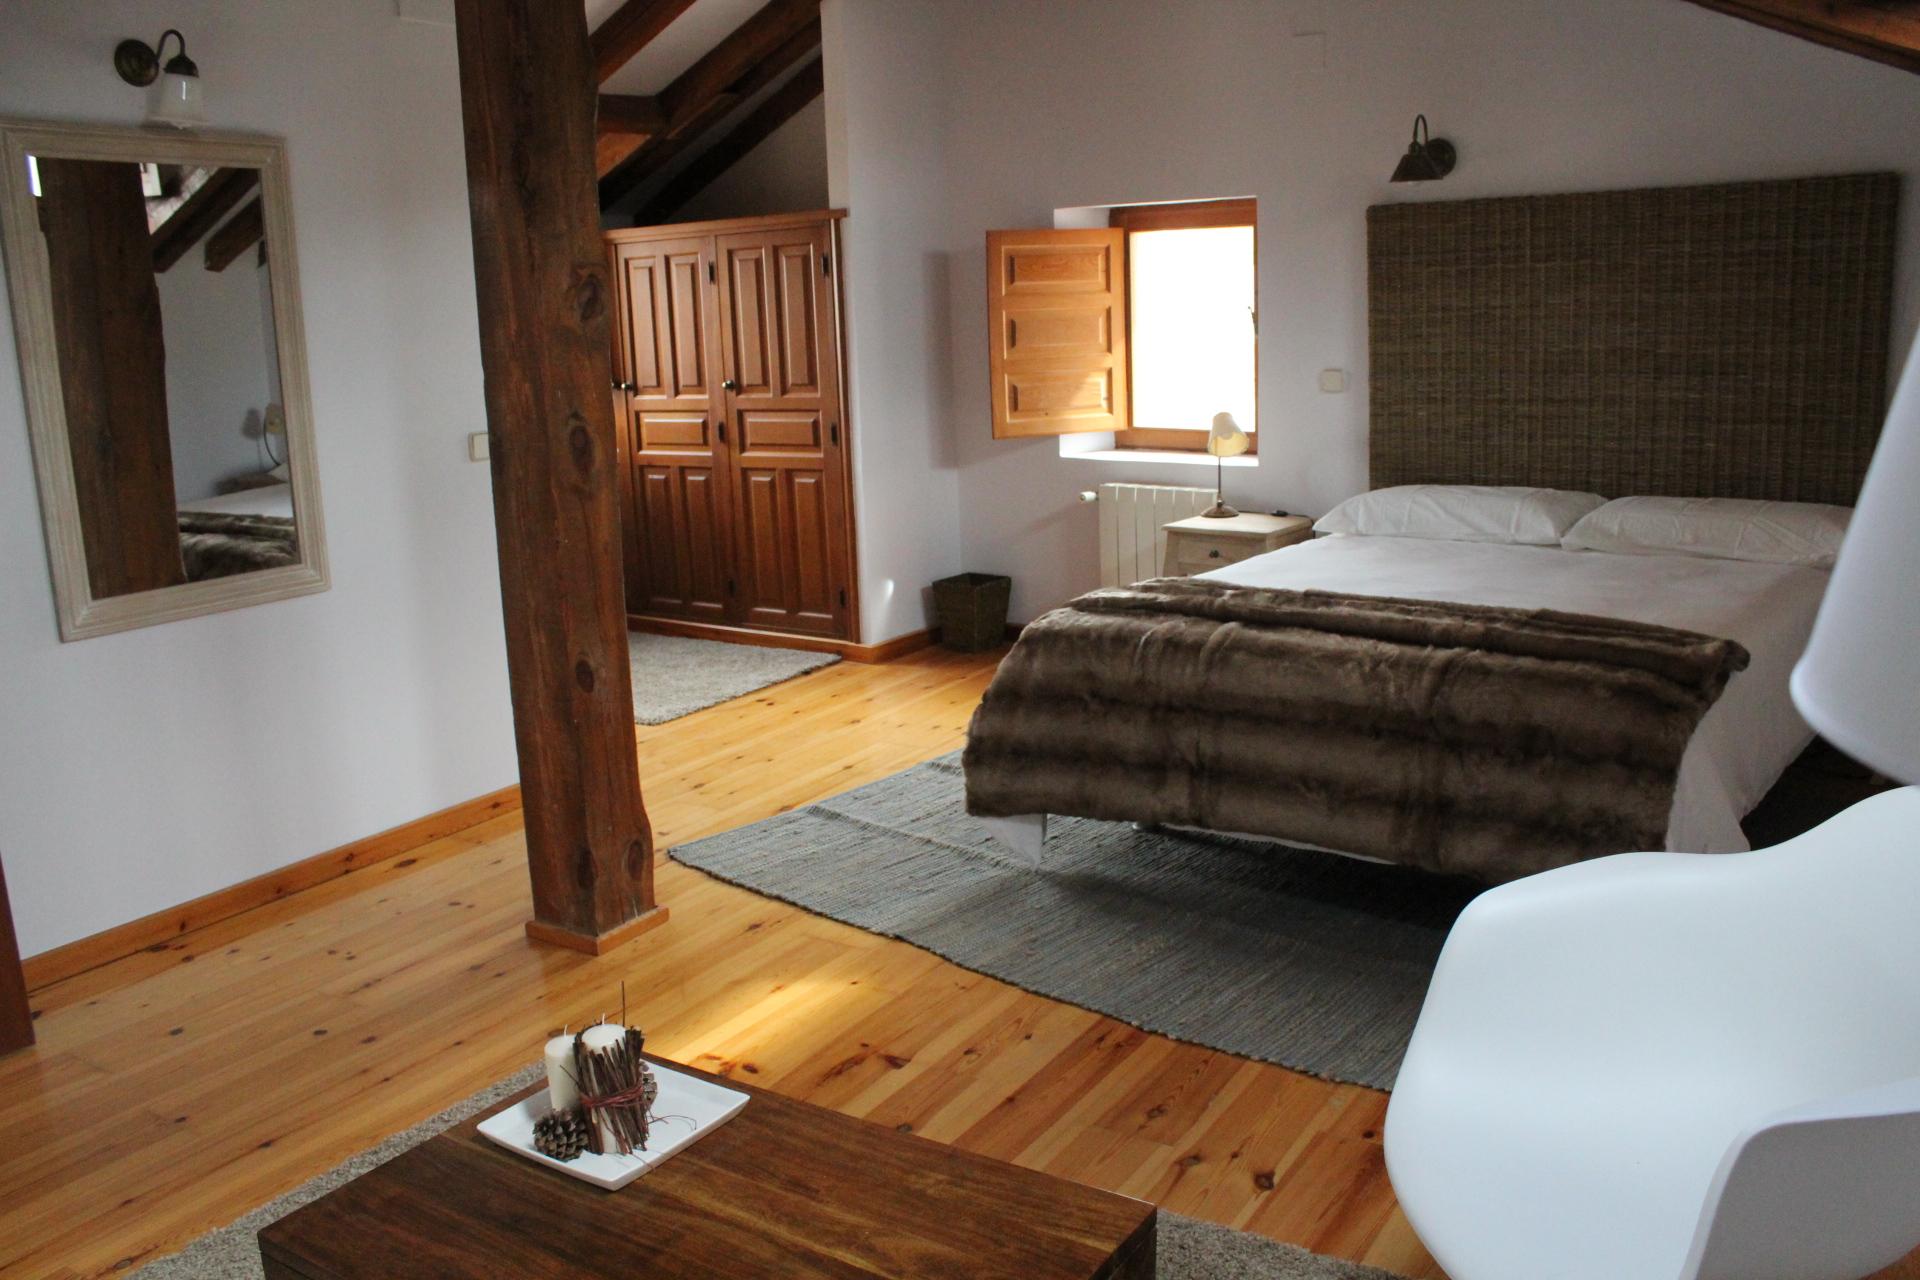 La-Casona-de-Castilnovo-Hotel-Rural-Gay-Segovia-Madrid-habitación-4-9